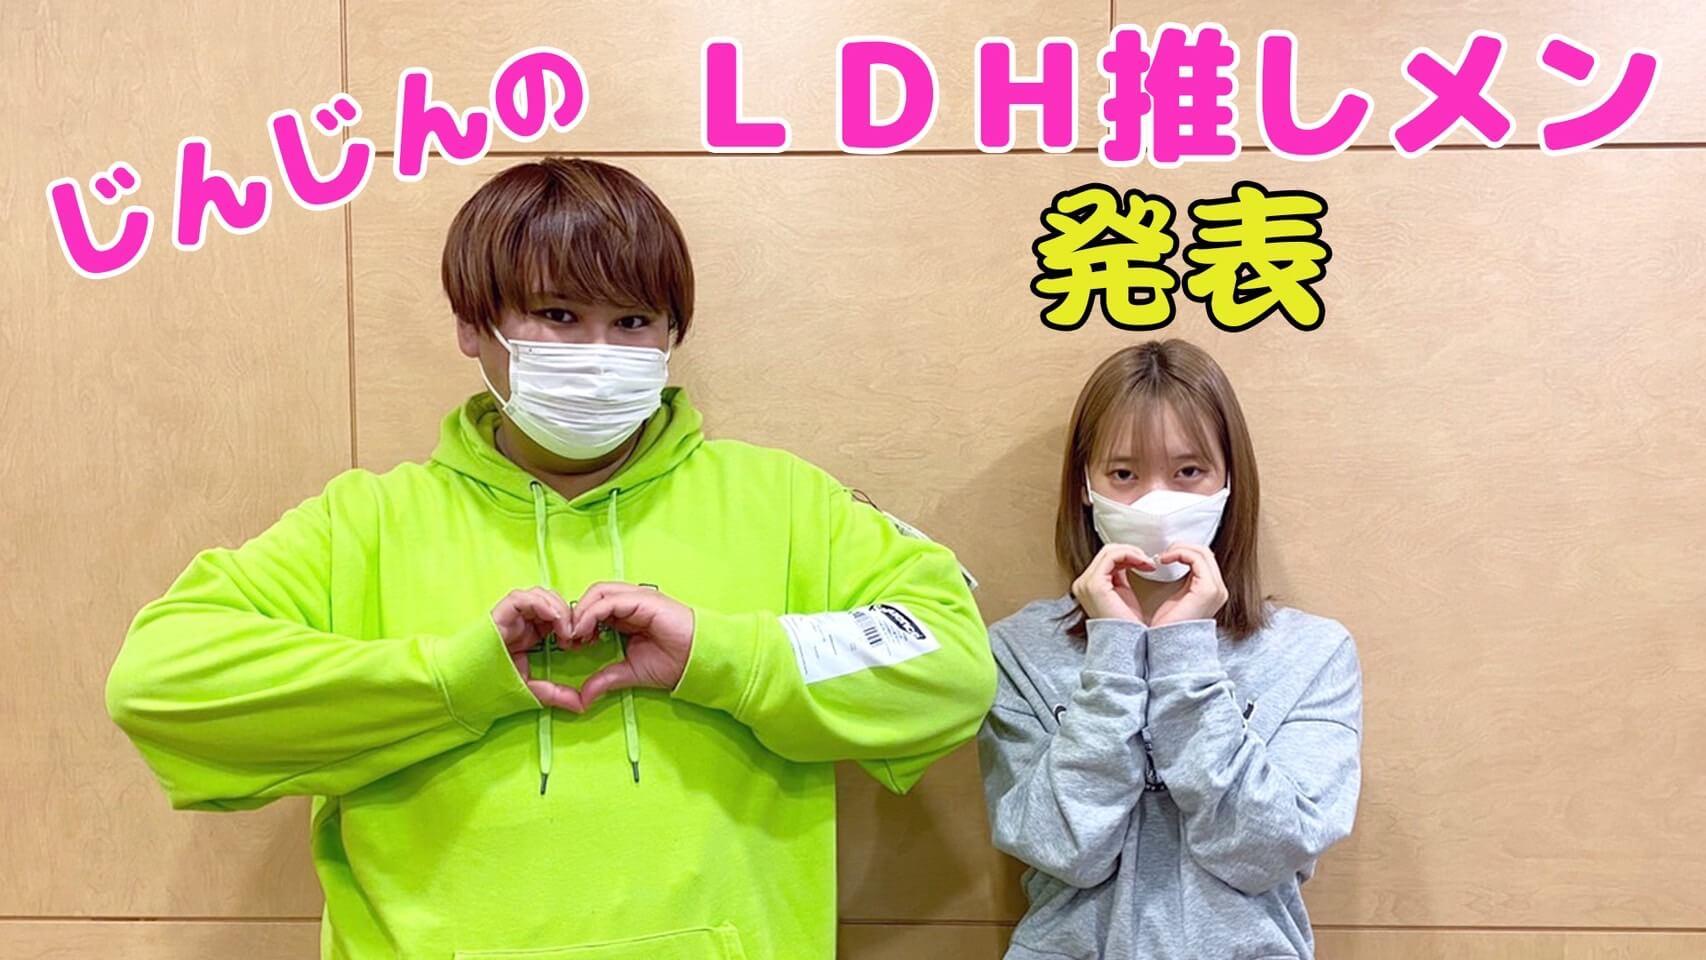 じんじんのLDH推しメン発表